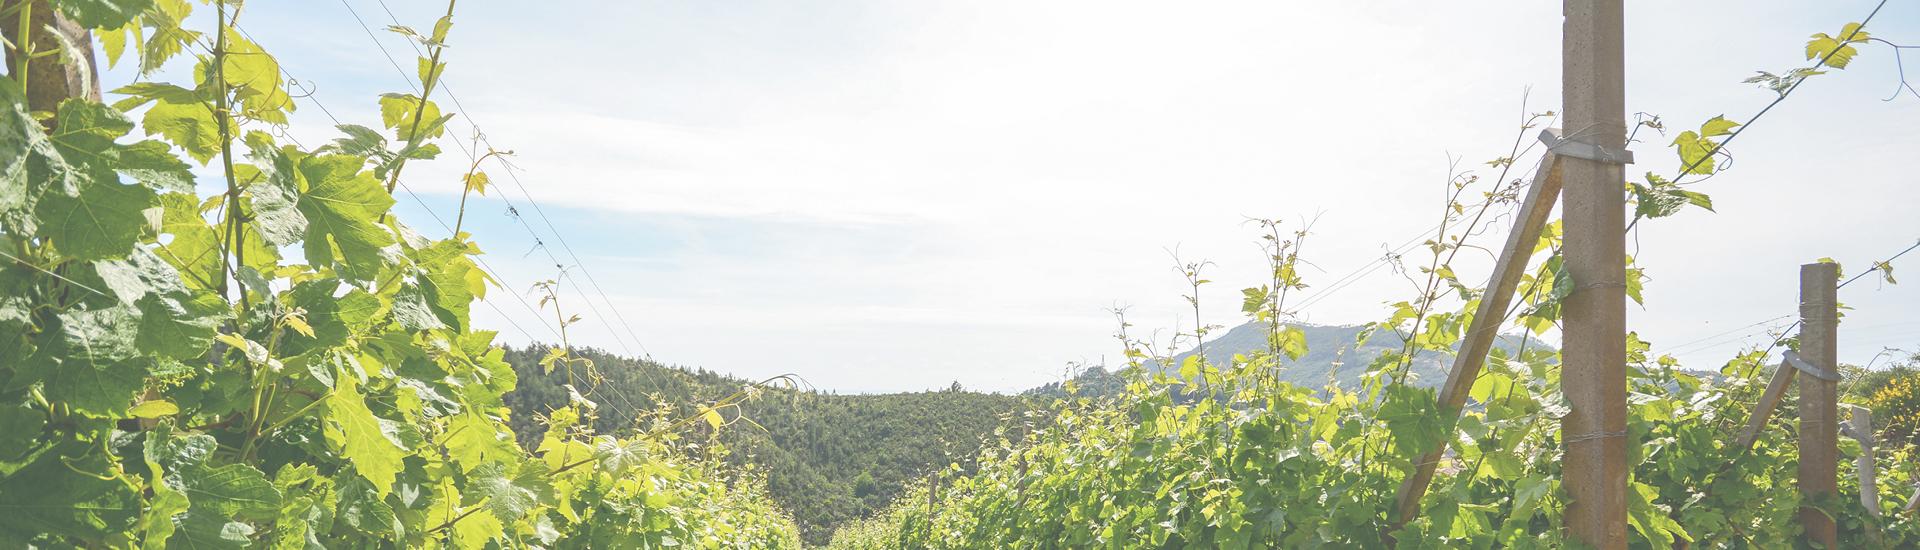 Weine - Friaul - Italiens Weißweinhochburg! 01/2017 - Slider